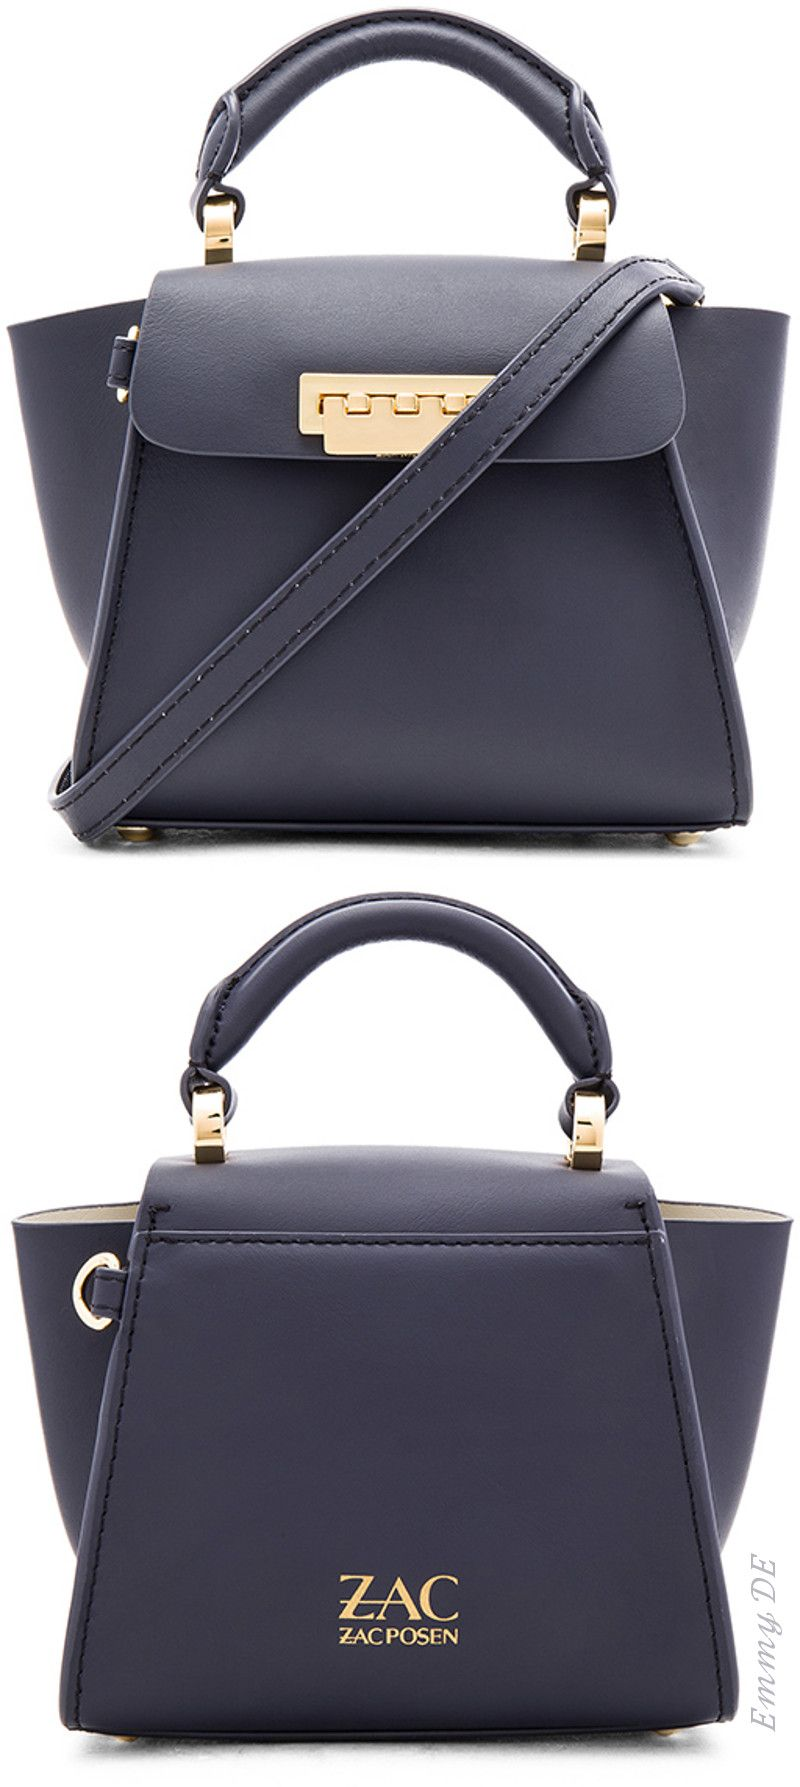 Emmy DE * ZAC ZAC POSEN Eartha Iconic Top Handle Mini Bag